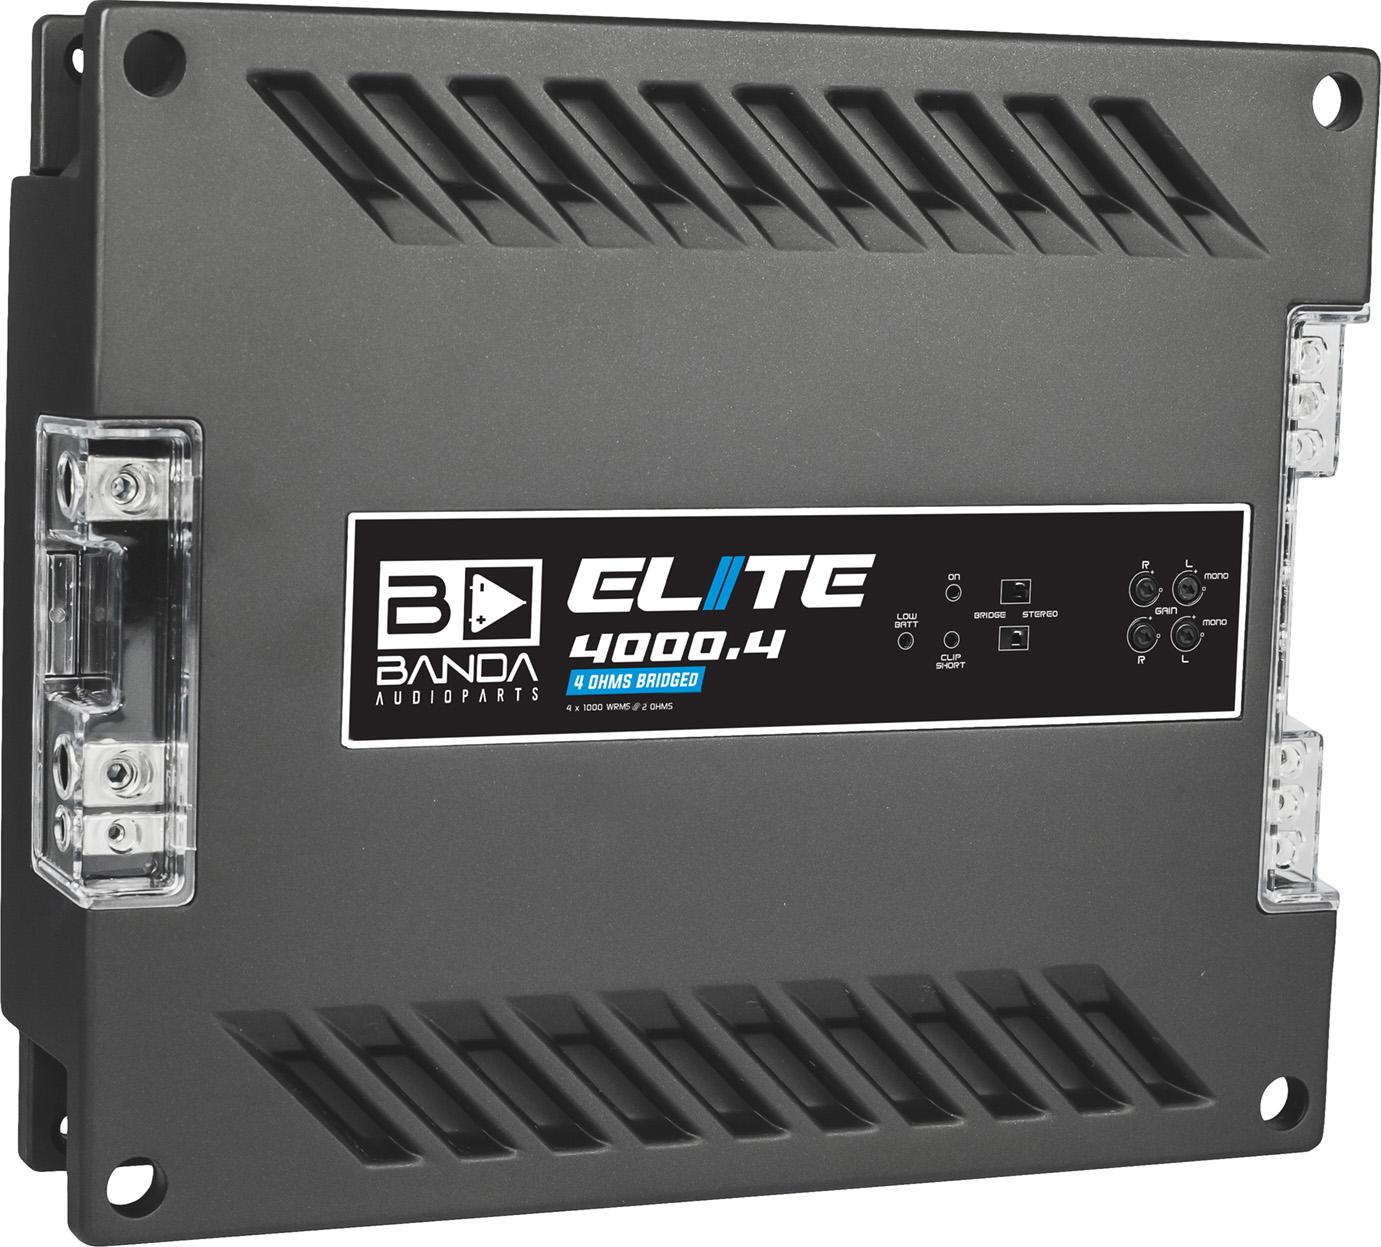 elite-4000.4-diagonal-19 ELITE